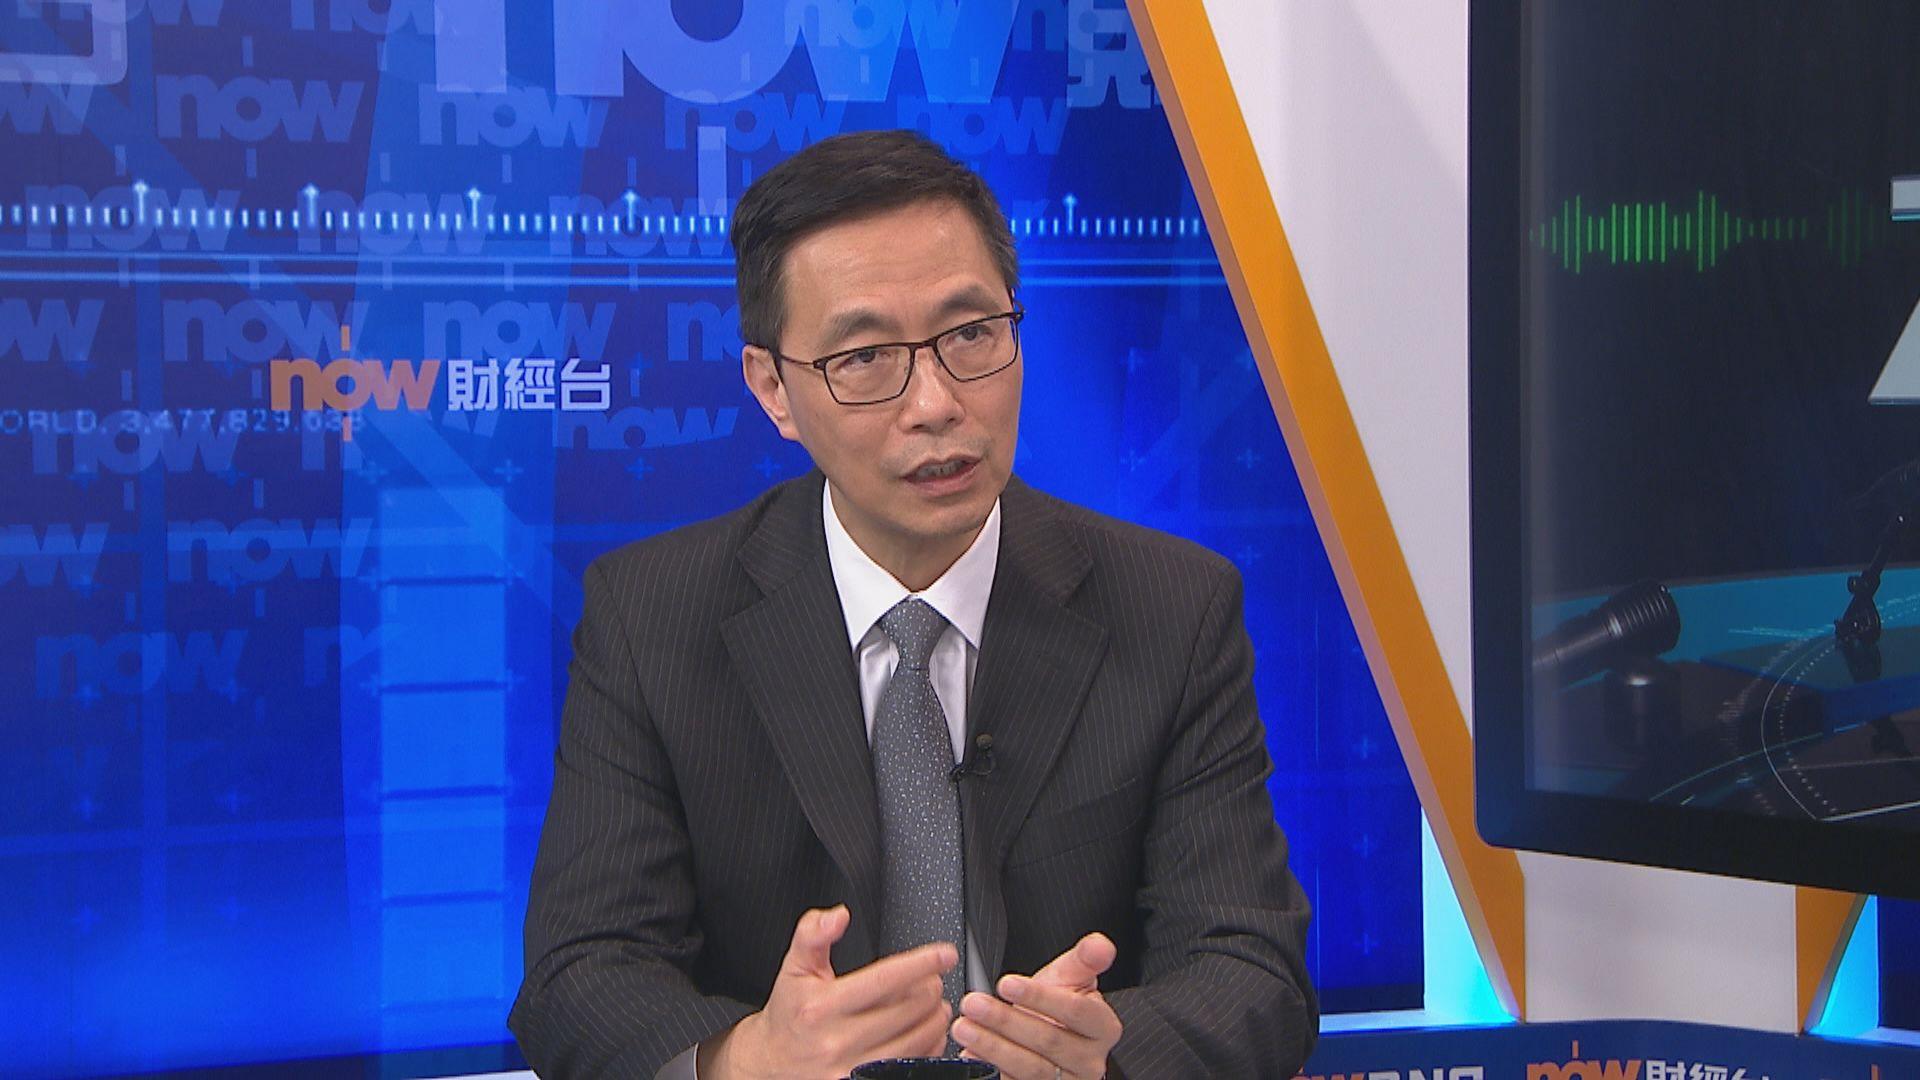 楊潤雄:復課日期未定 籲學校訂網上學習計劃